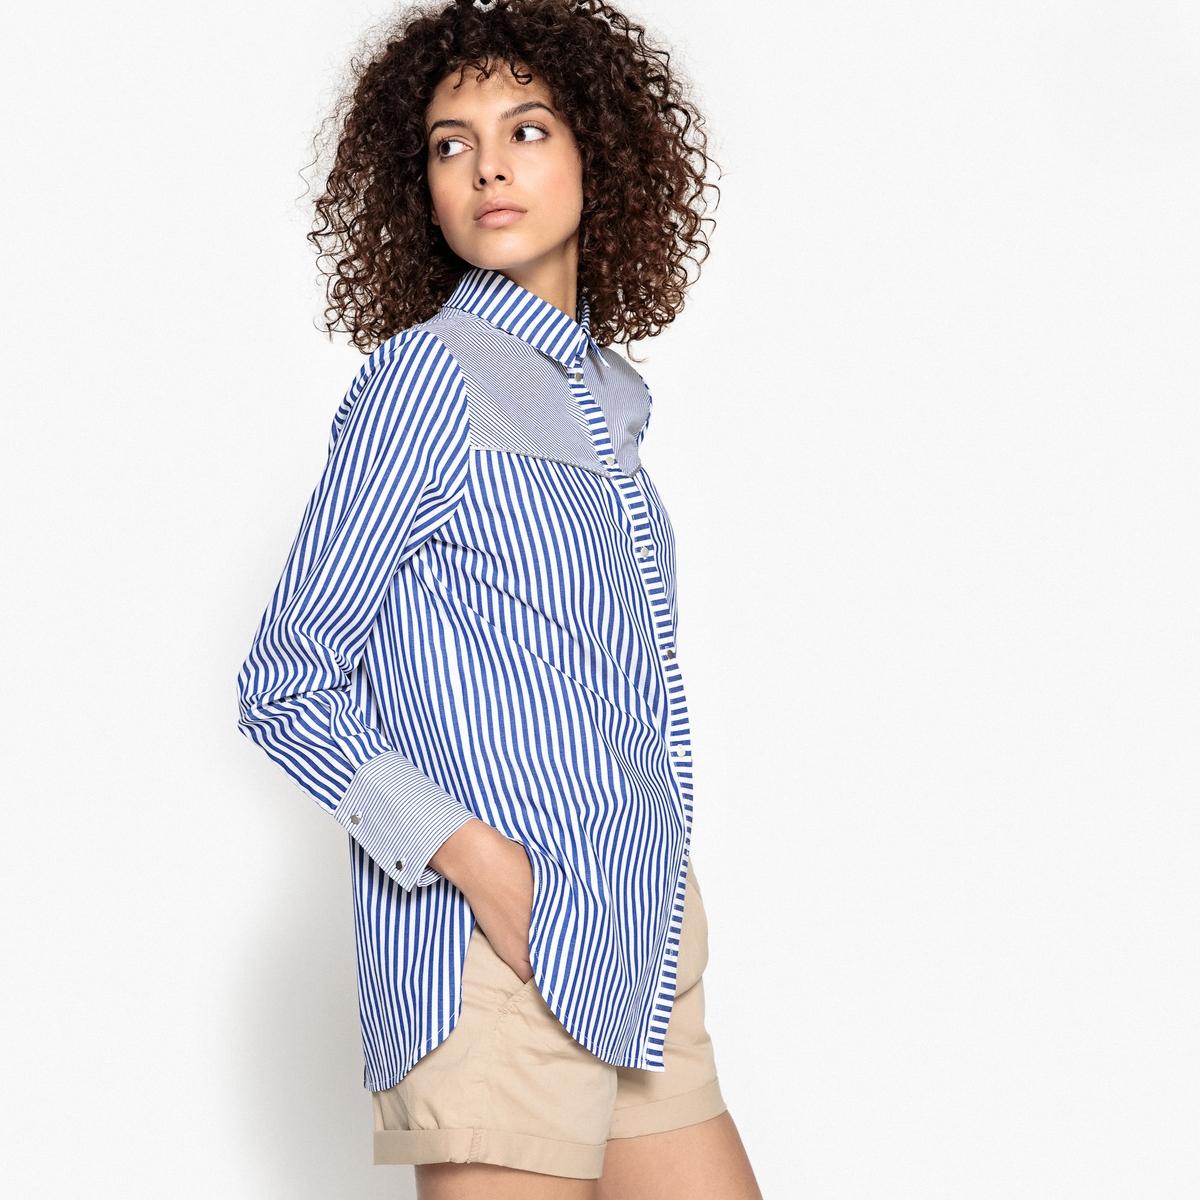 Рубашка в полоску LAURAДетали •  Длинные рукава •  Прямой покрой •  Воротник-поло, рубашечный •  Рисунок в полоскуСостав и уход •  100 % хлопок •  Следуйте советам по уходу, указанным на этикетке<br><br>Цвет: в полоску синий/белый<br>Размер: 1(S).2(M)